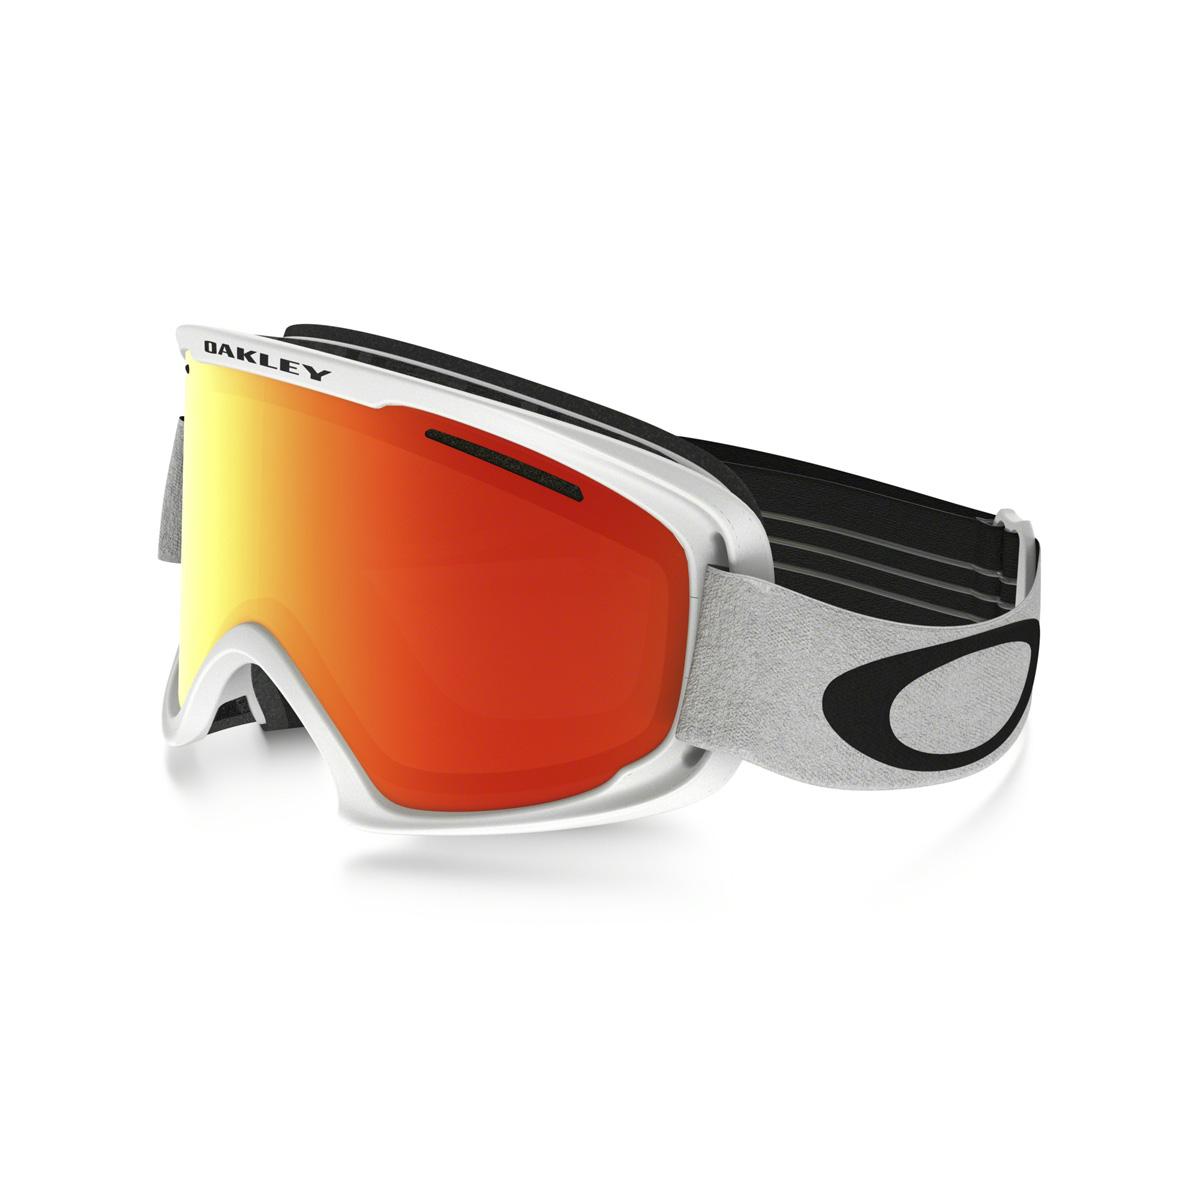 Купить Очки горнолыжные Oakley O2 XM MATTE WHITE/FIRE IRIDIUM/, горнолыжные, 1293326